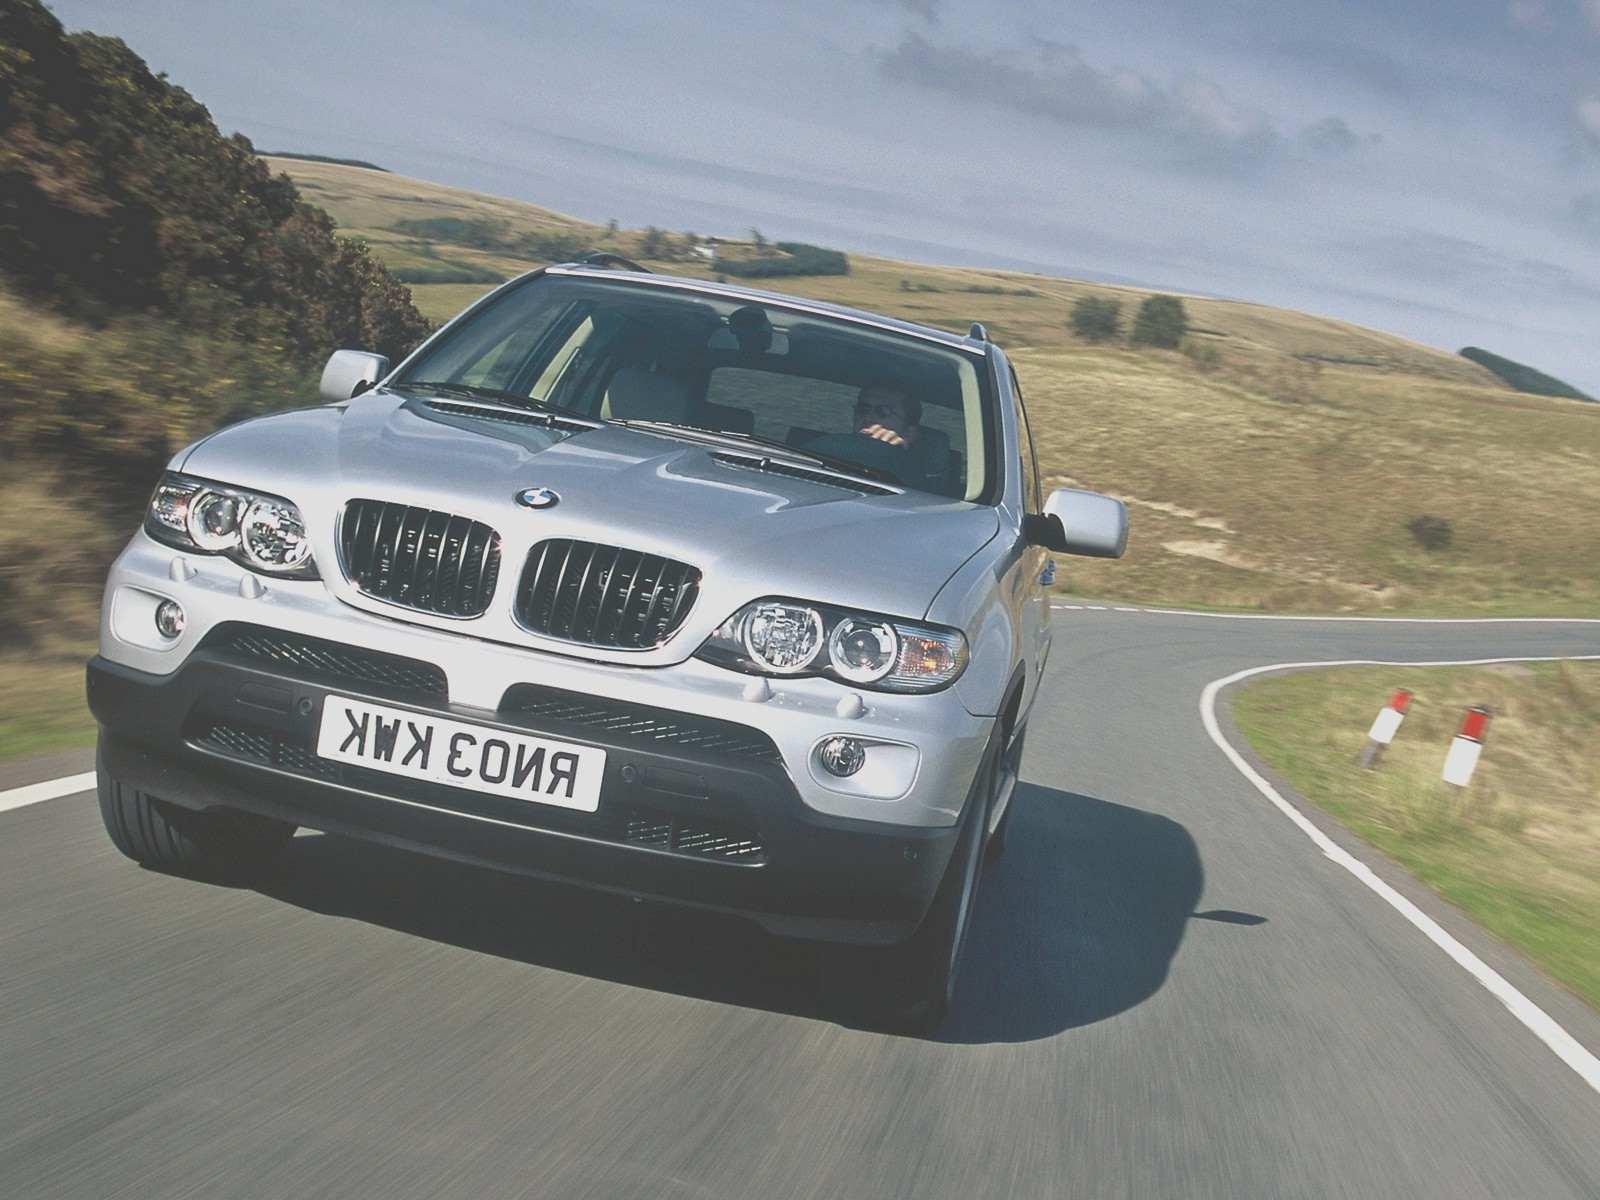 Ausmalbilder Rennauto Genial Ausmalbild Cars Ausmalbilder Kostenlos Das Bild